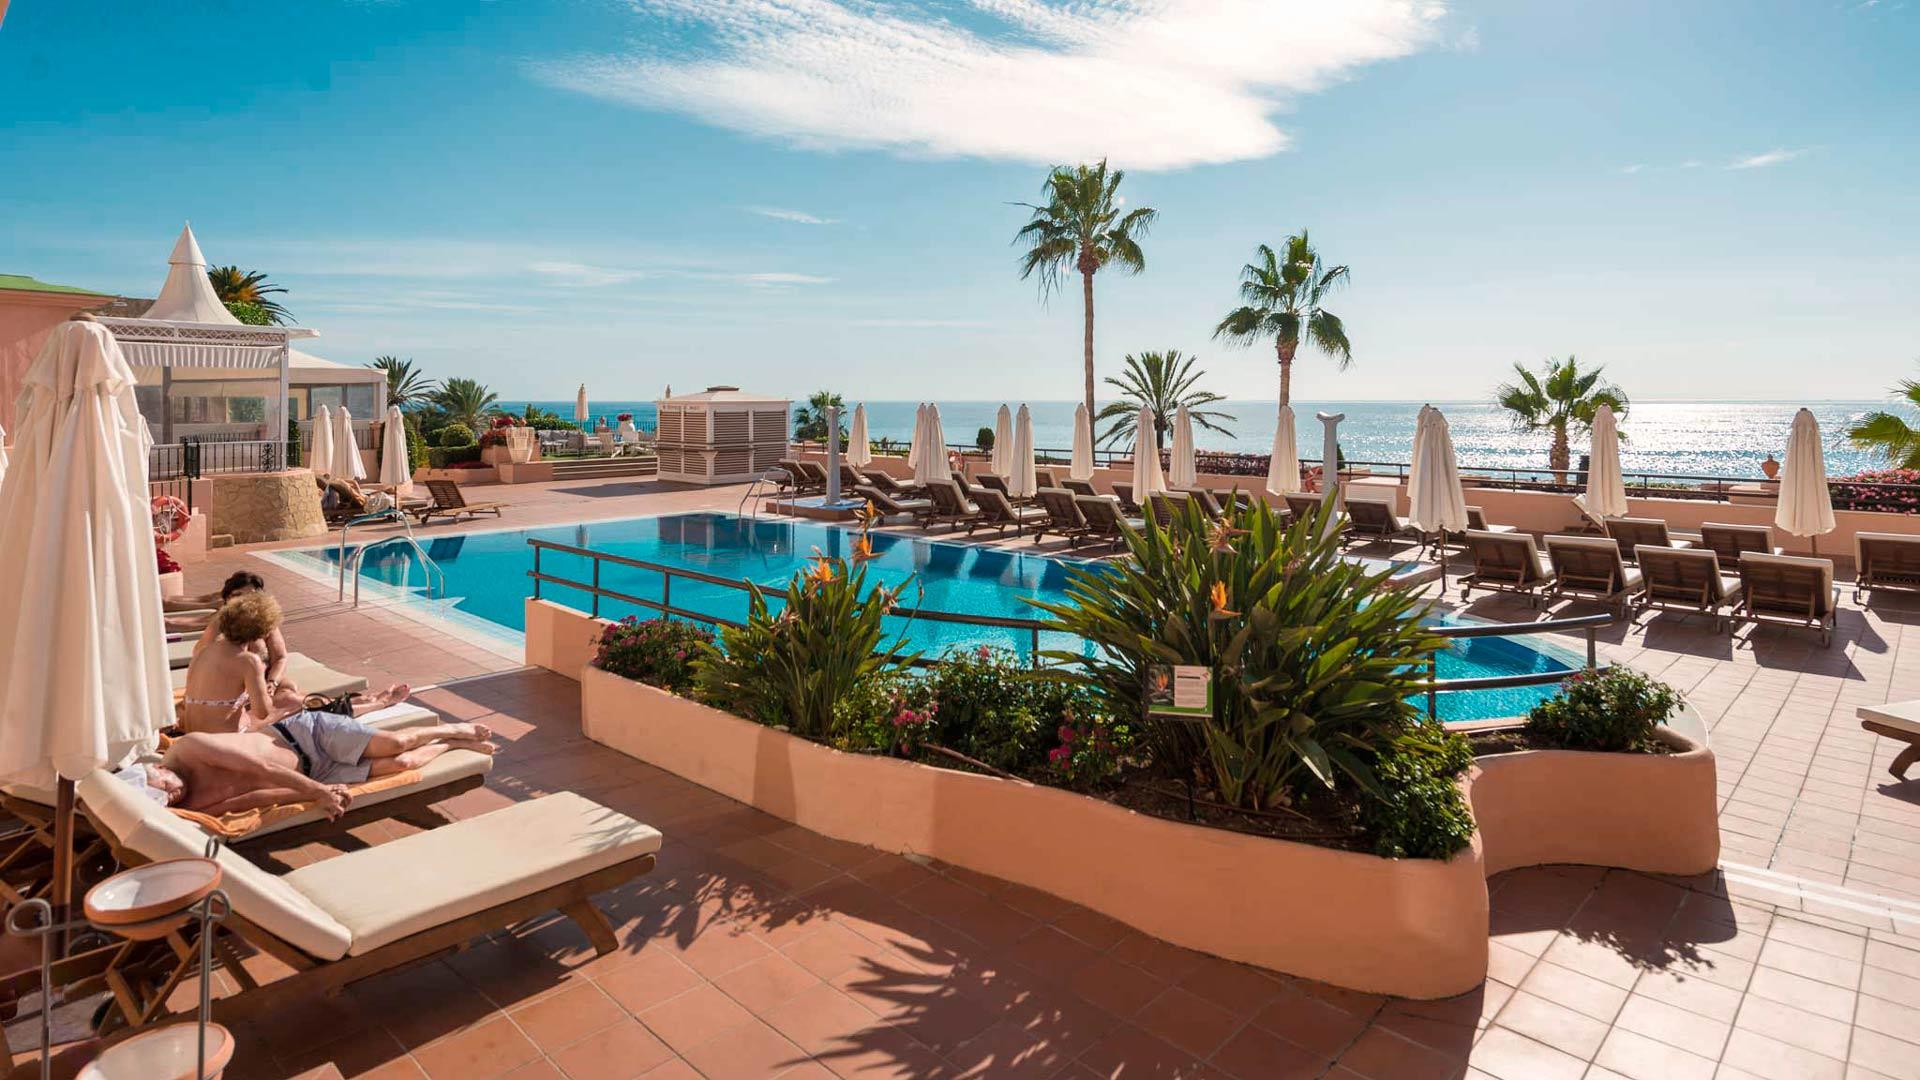 La Junta de Gobierno Local ha aprobado hoy una licencia de obras para la reforma del hotel Fuerte Marbella